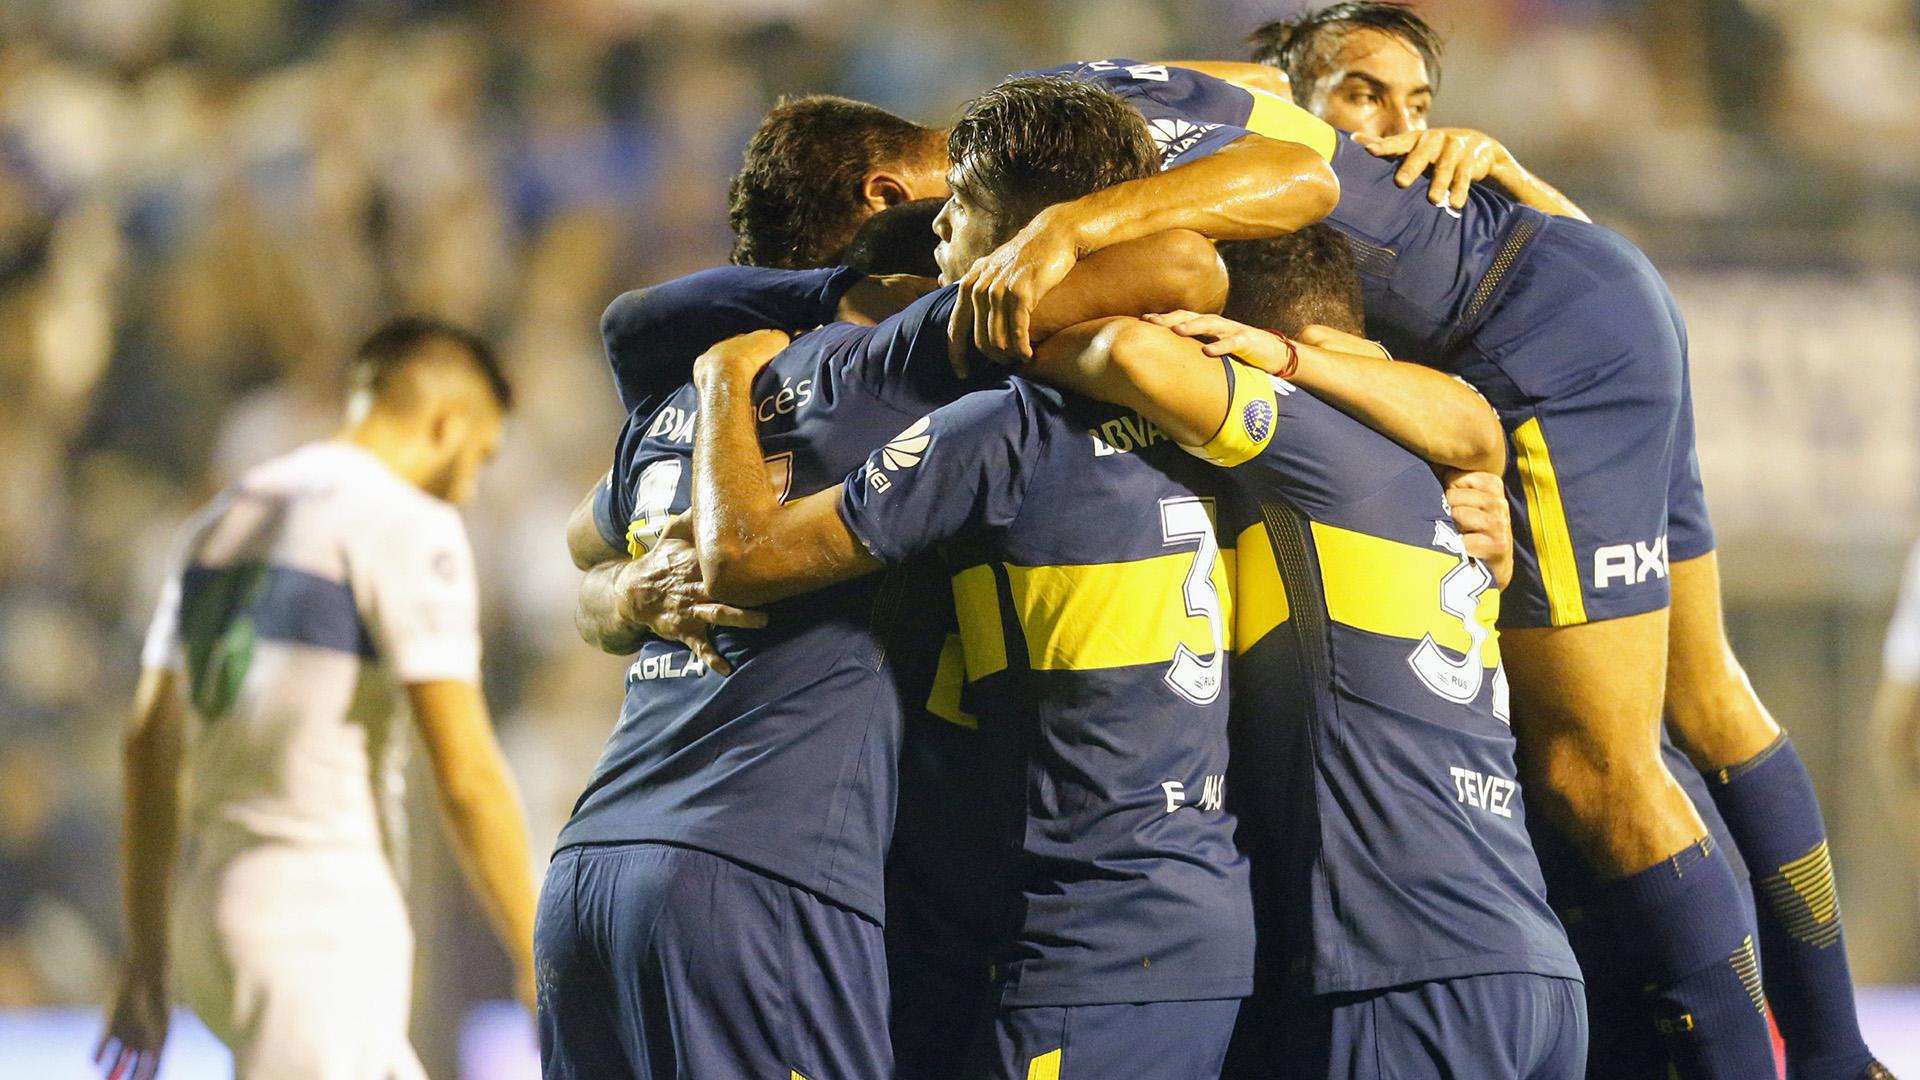 La celebración azul y oro en La Plata: Boca estuvo dos veces en ventaja